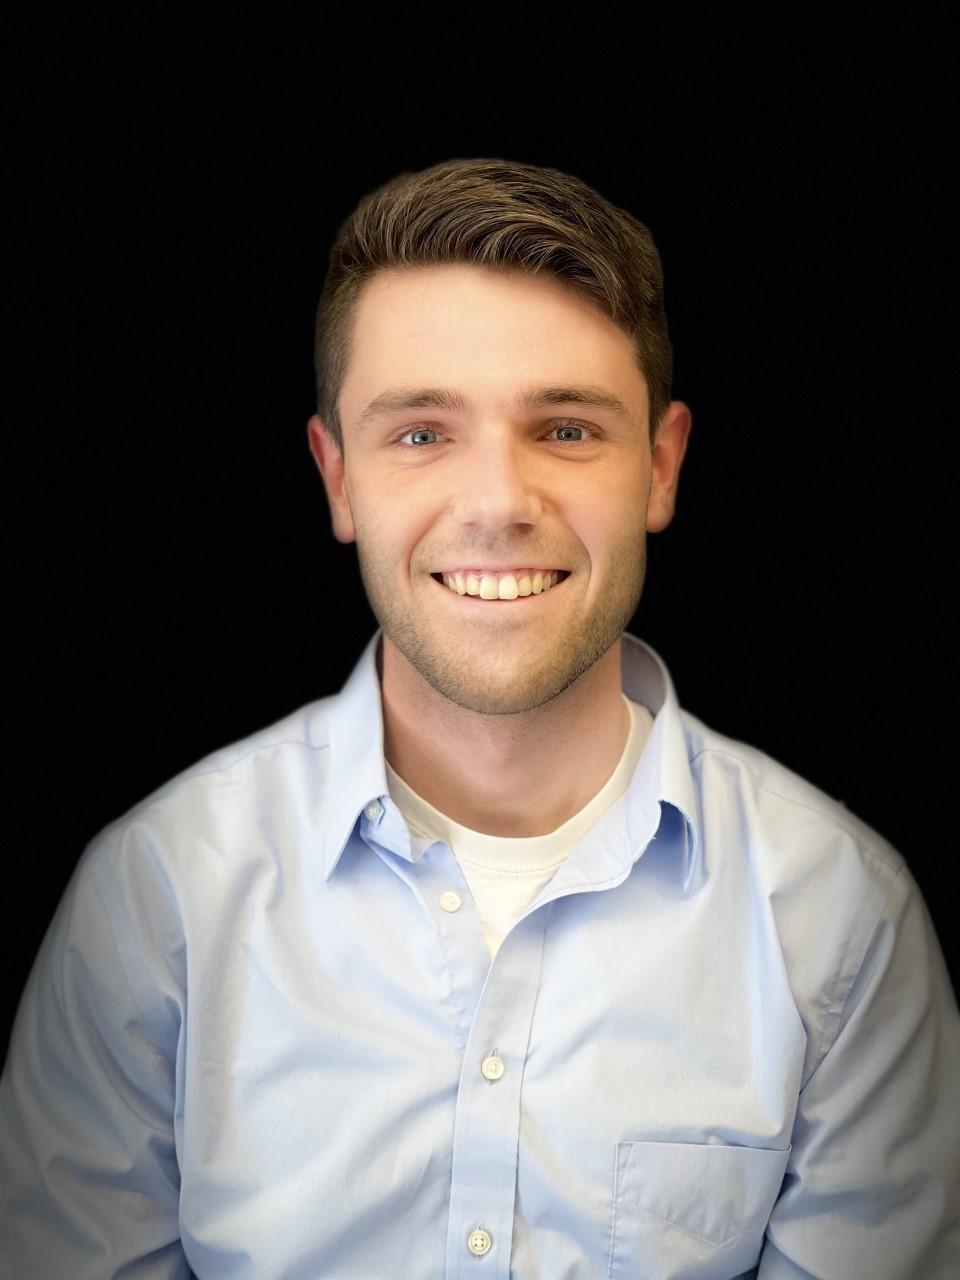 Jake Donovan